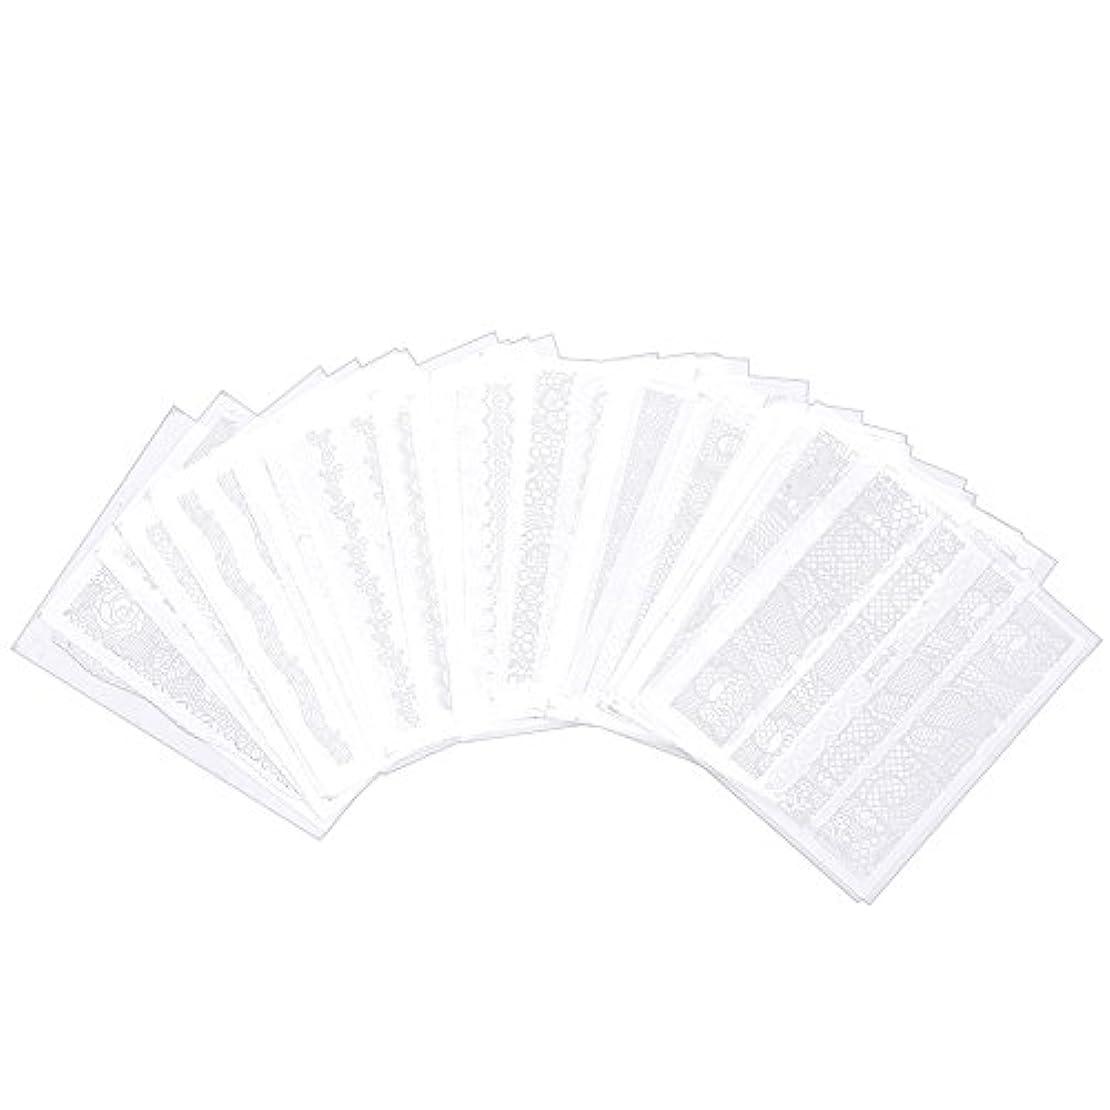 ハイライトしないでください粘液30枚レースパターンステッカーネイルアートの装飾(白), 30枚の接着剤のレースの釘の混合されたパターンのステッカーの釘のマニキュア用具の装飾の白